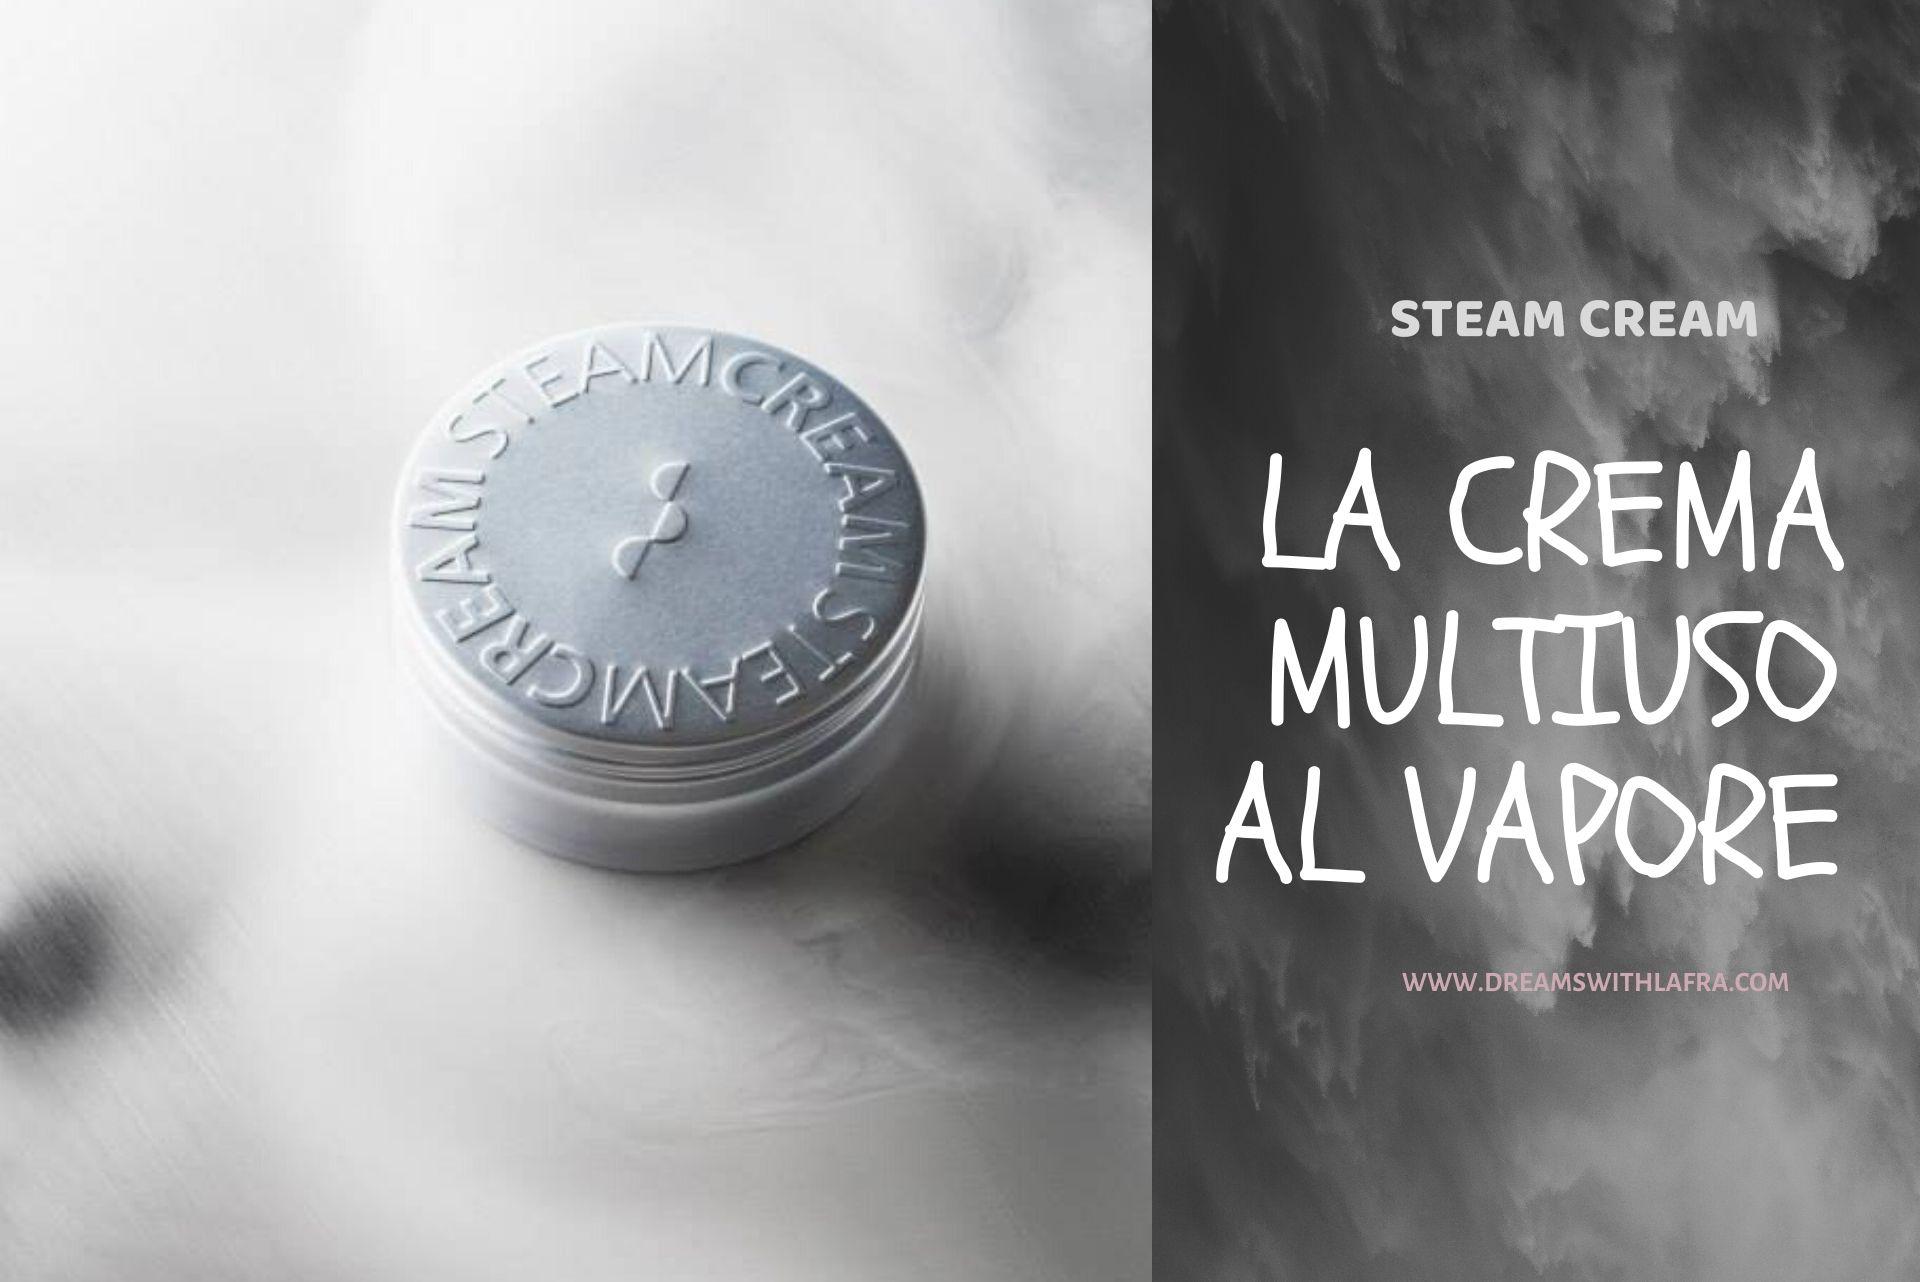 Steam cream la crema multiuso al vapore